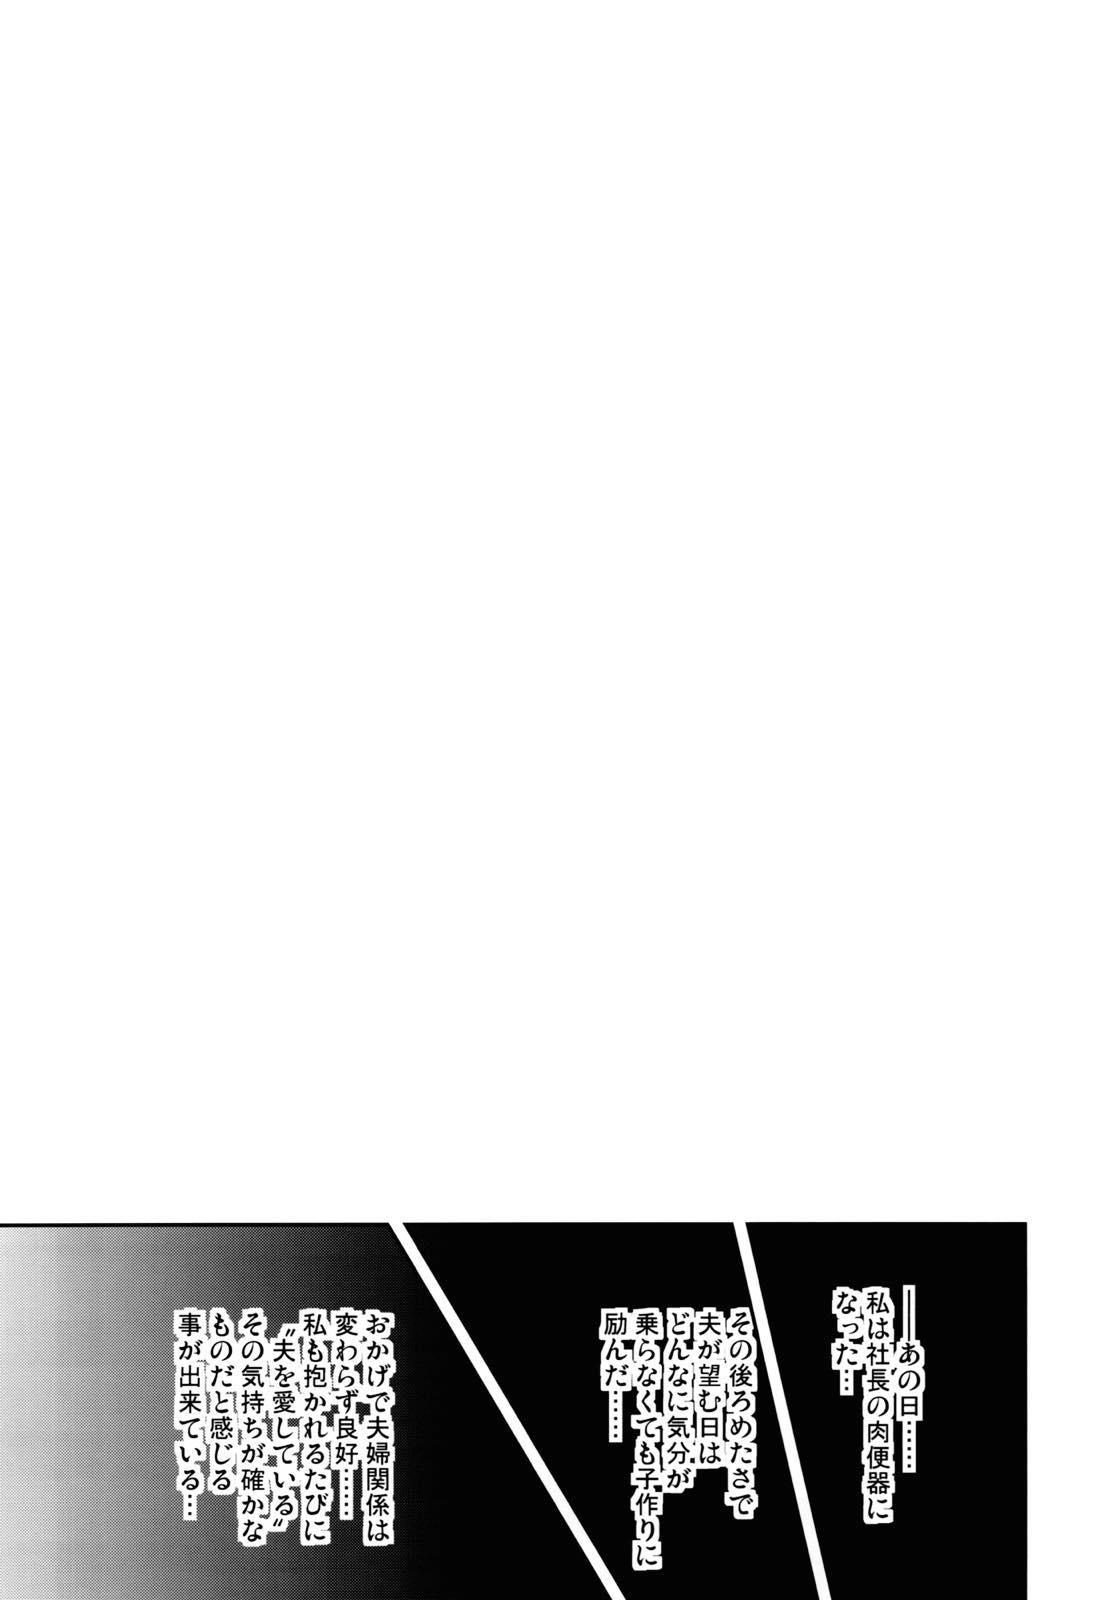 【エロ同人誌】社長に騙され人妻寝取られ!アナル開発され続けてアヘ顔であえぐビッチの完成www【オリジナル】